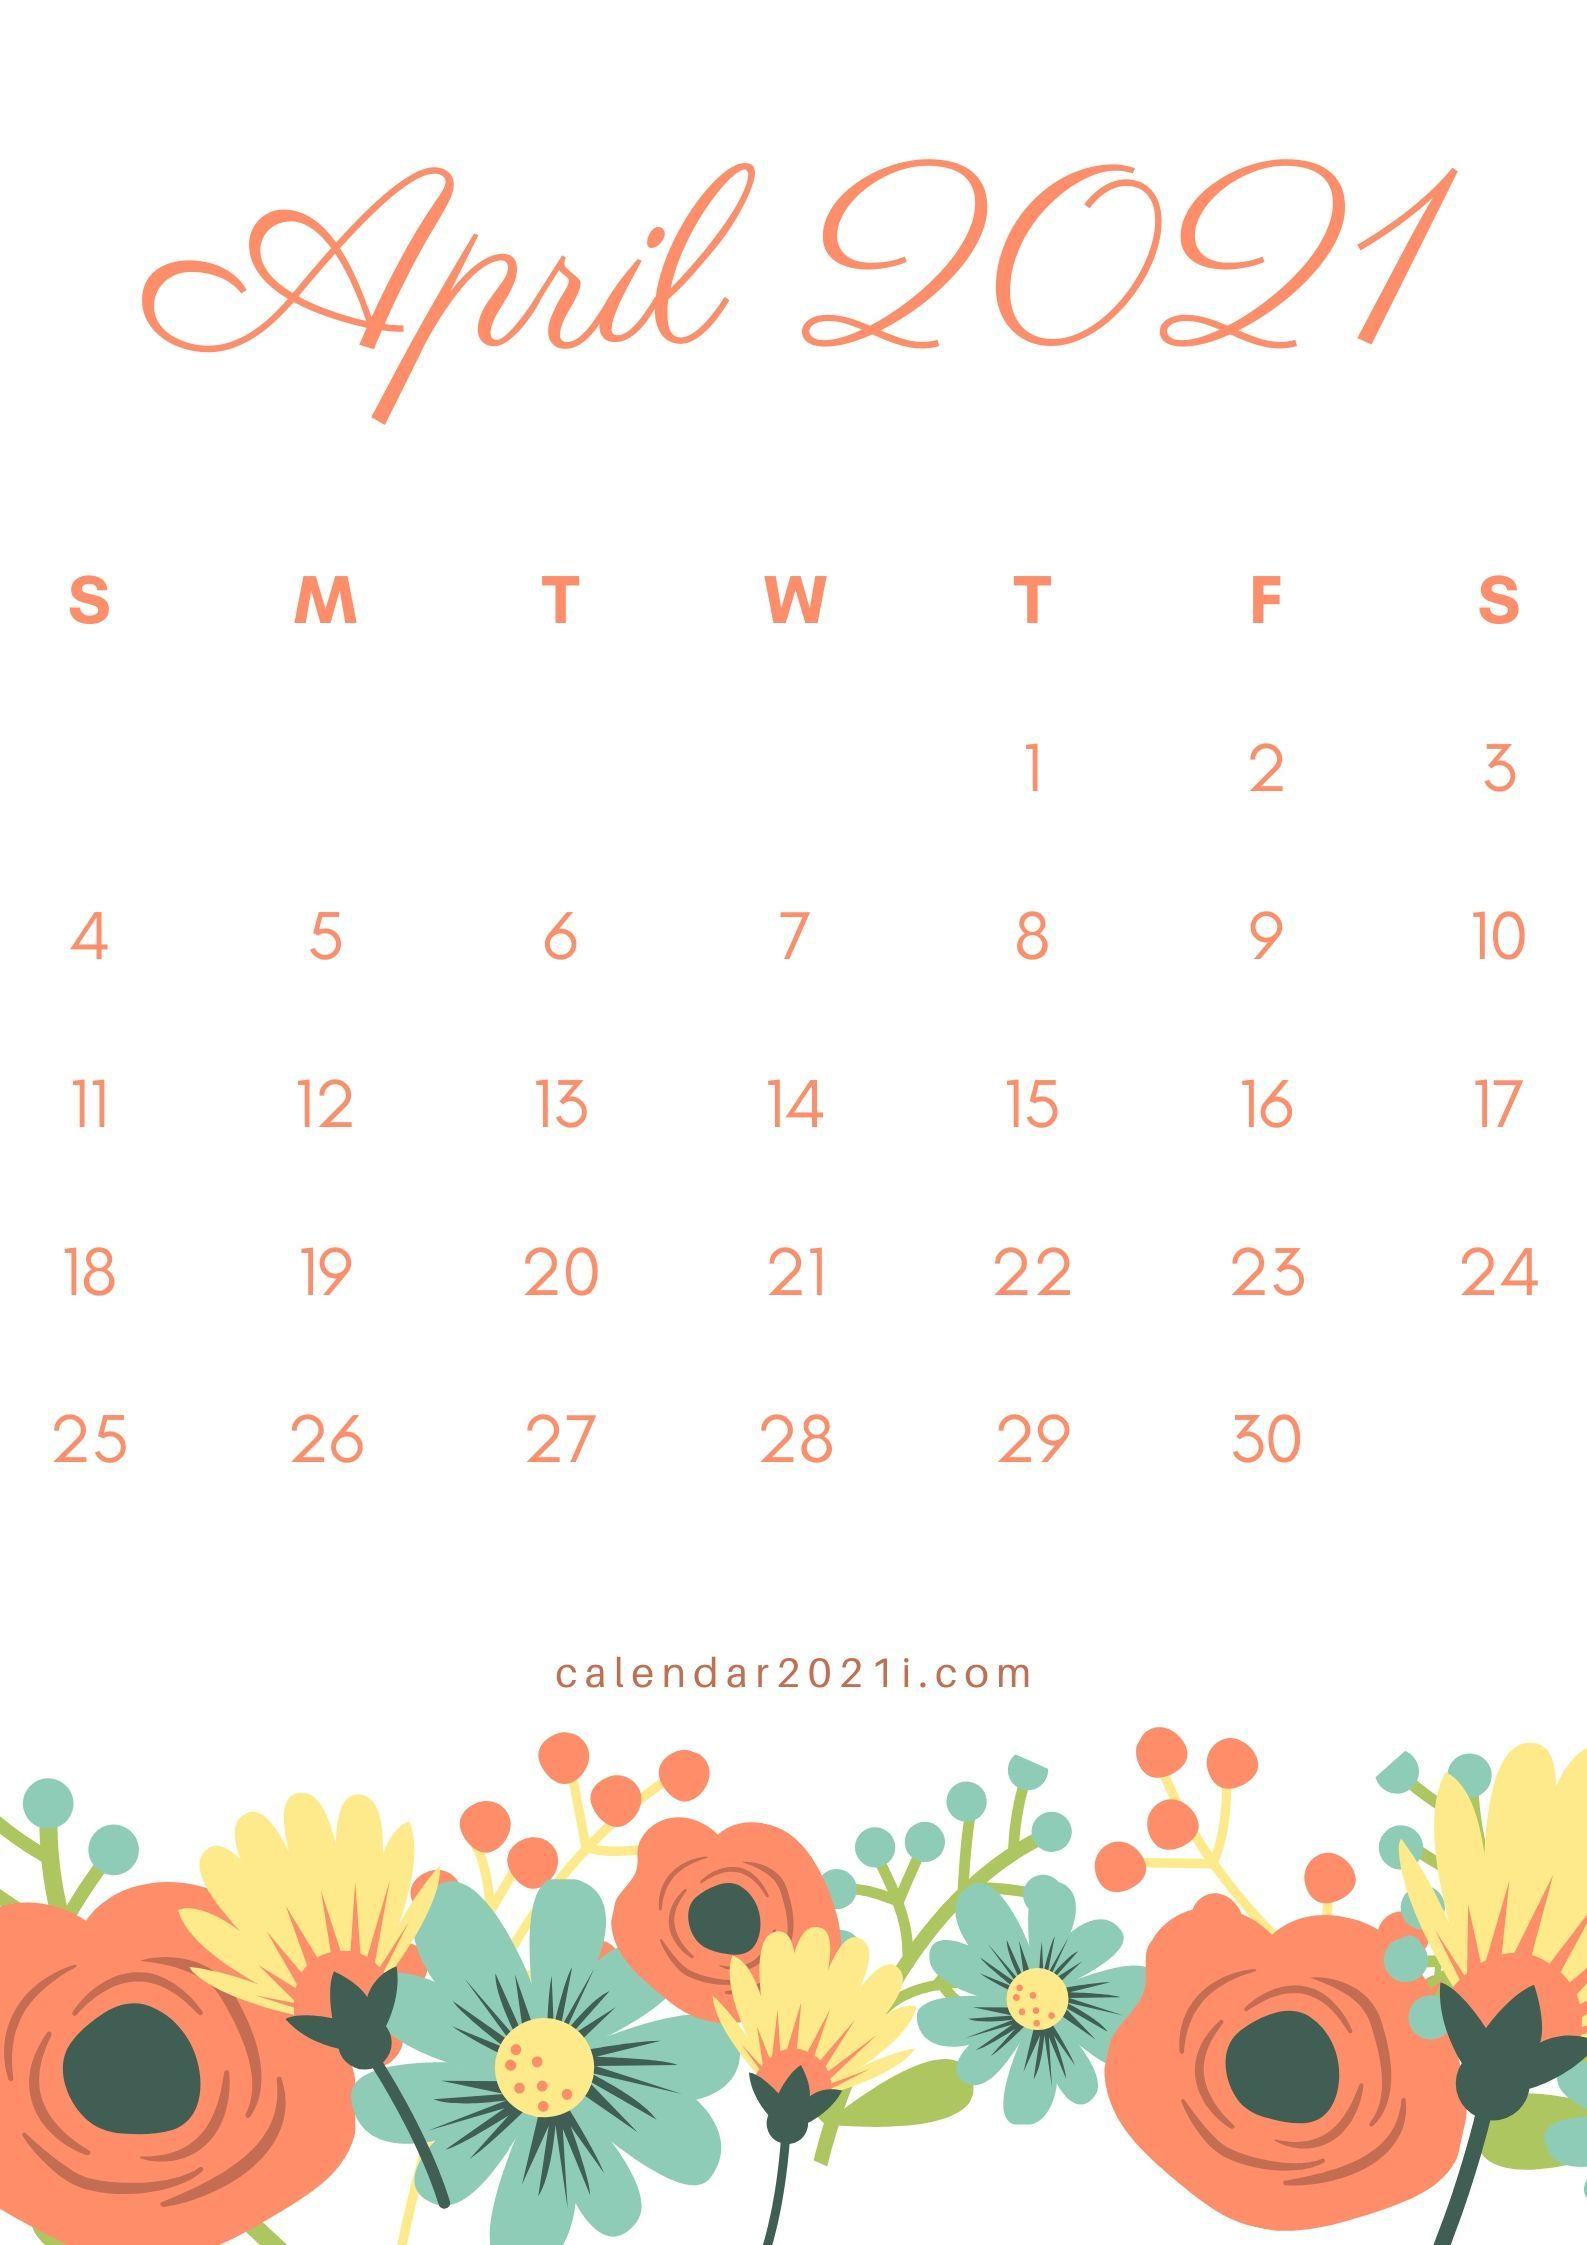 April 2022 Wallpaper Calendar.April 2021 Calendar Wallpapers Wallpaper Cave